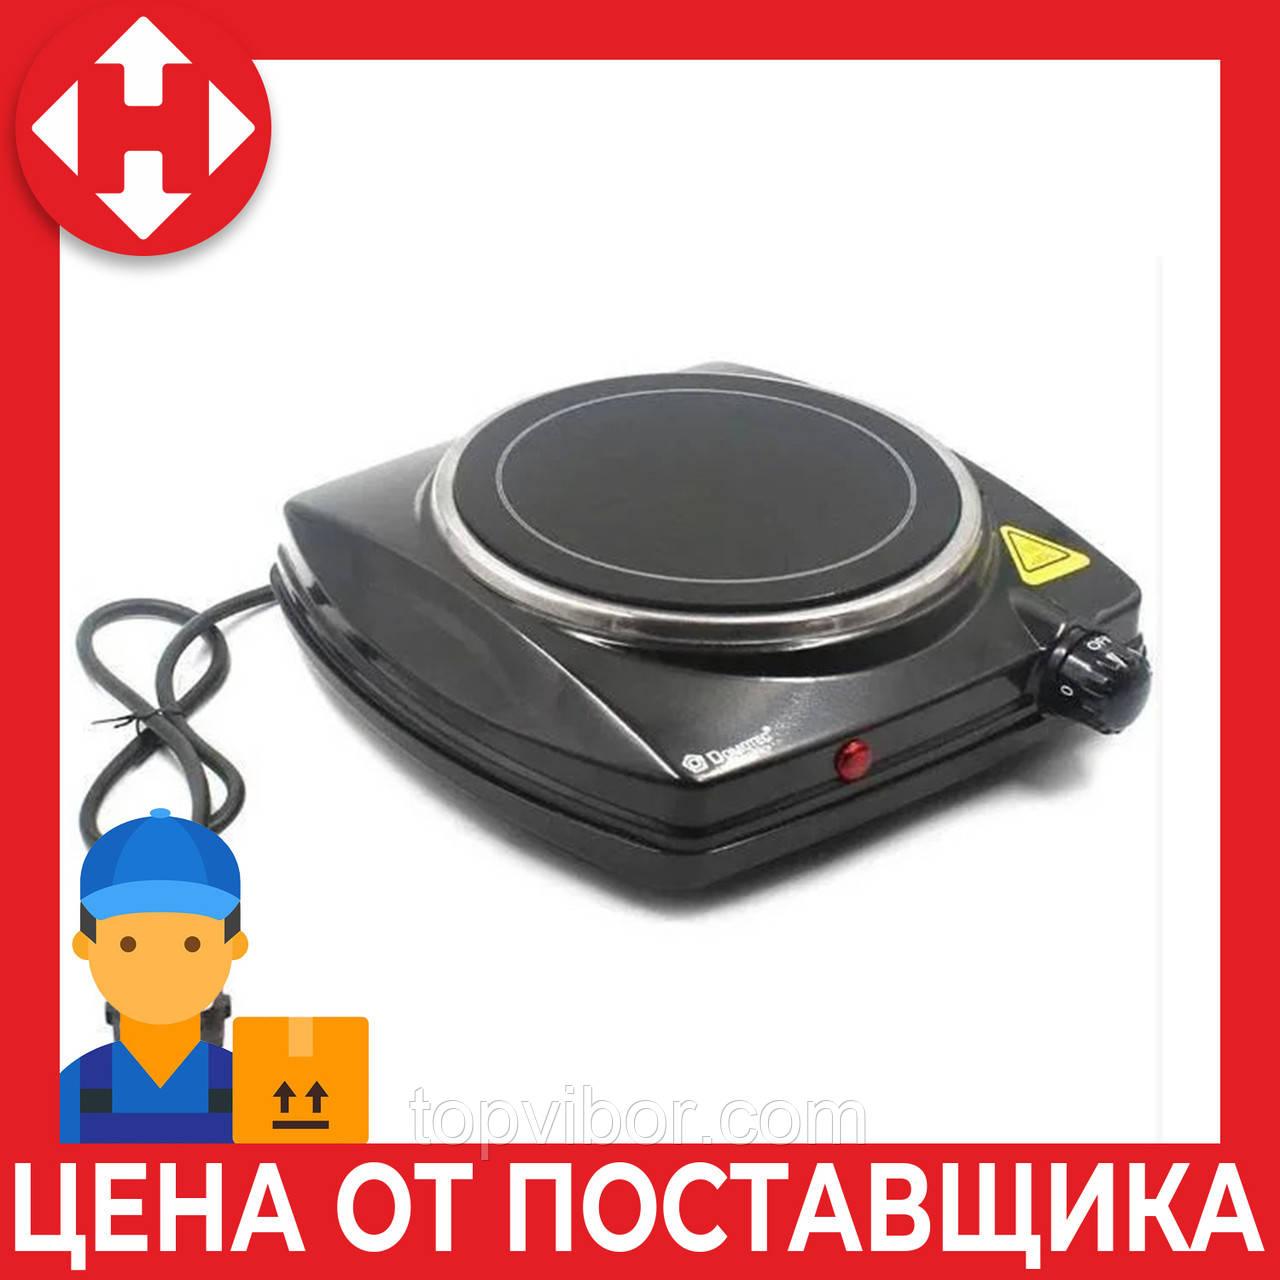 Настольная одноконфорочная электрическая плита Domotec MS-5851, маленькая переносная электроплитка